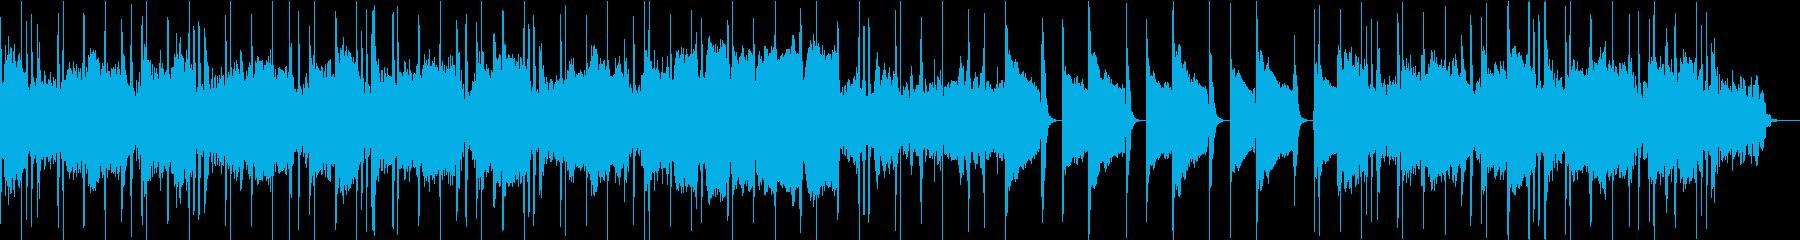 静かなリラックス出来る一曲の再生済みの波形